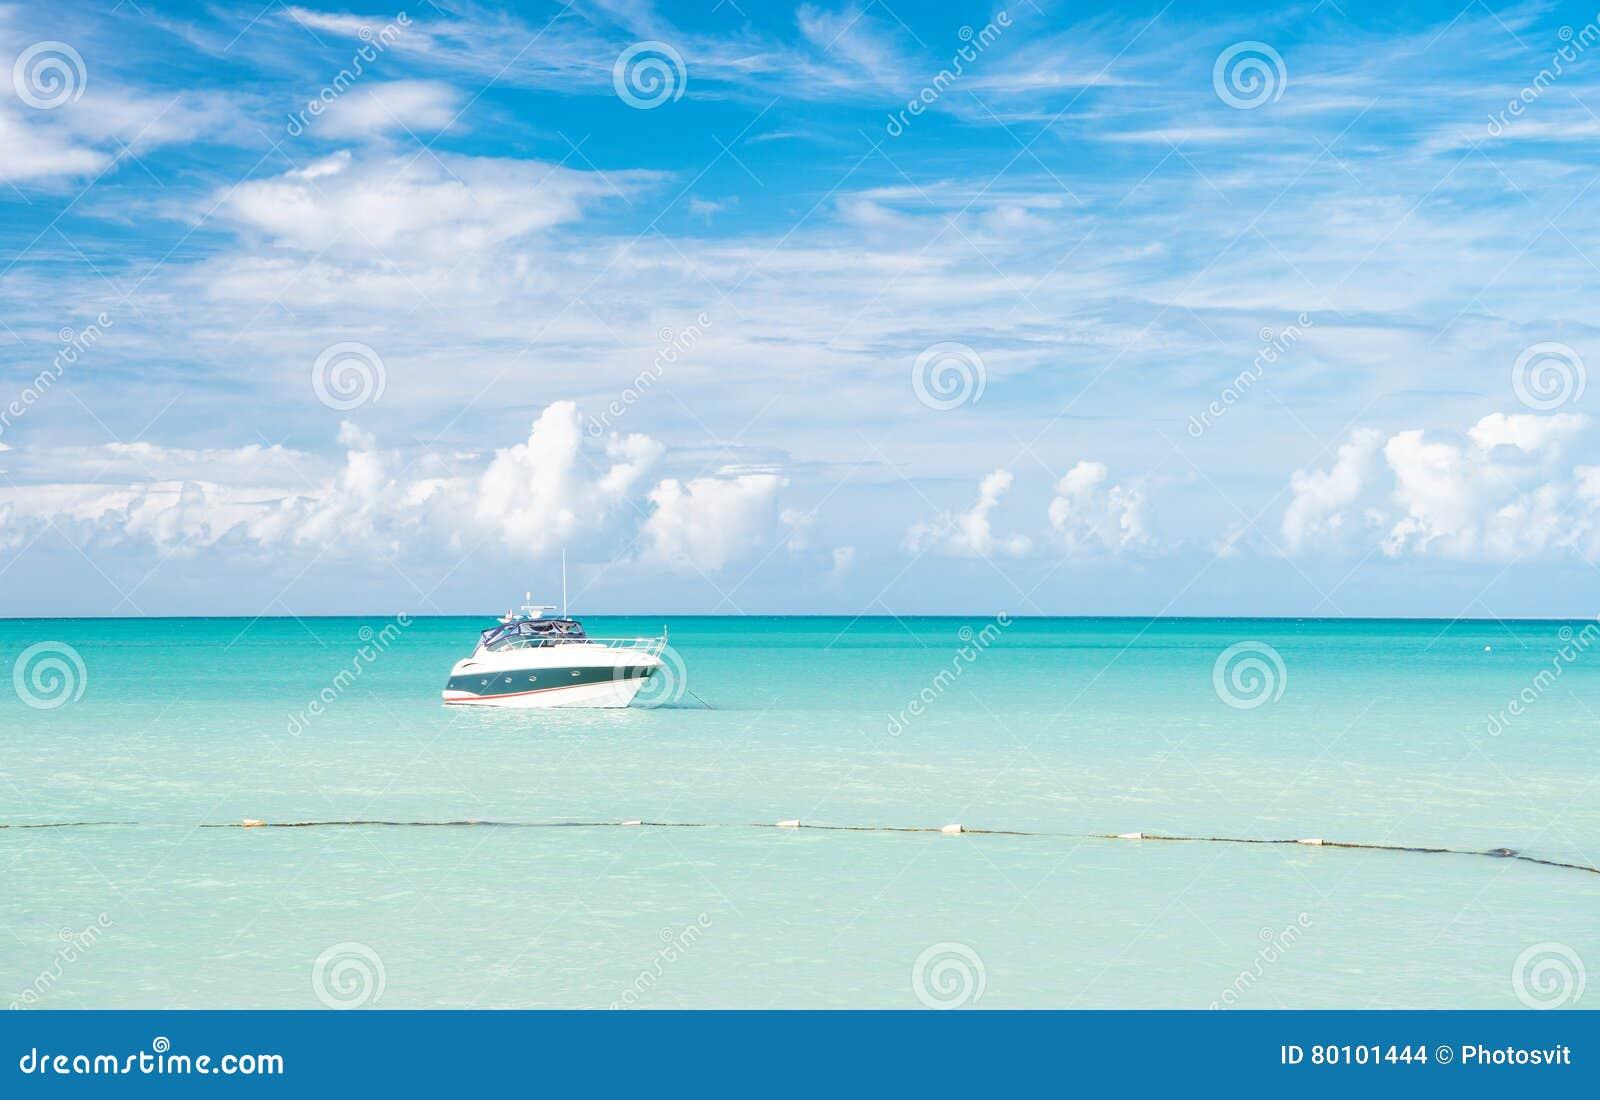 Vista brilhante atrativa da praia marinha bonita colorida exótica com o barco na água azul